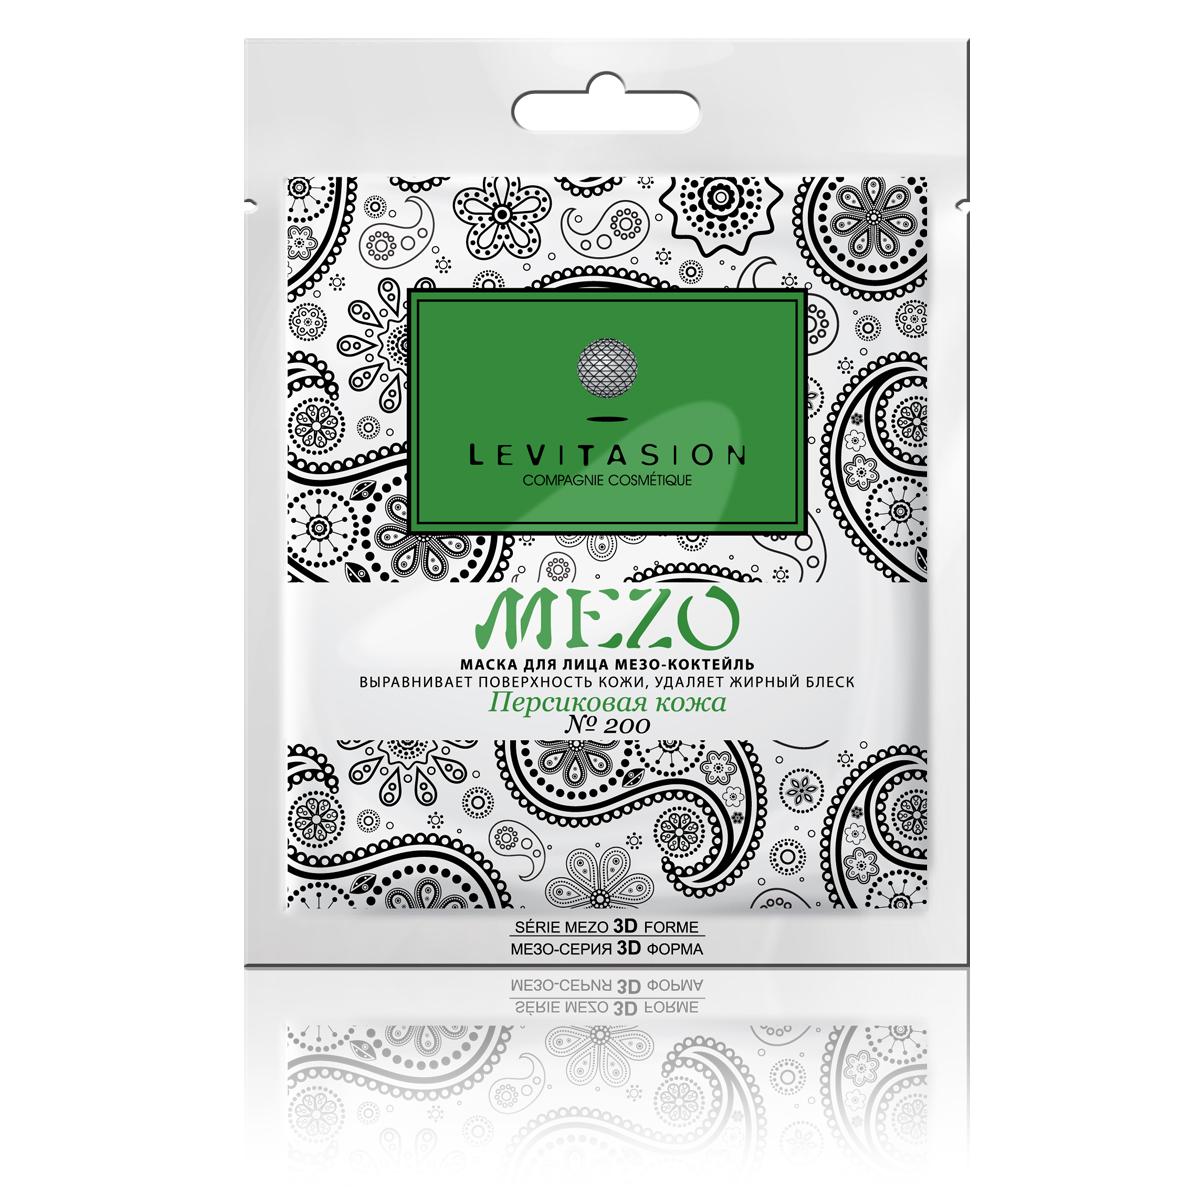 Levitasion Mezo № 200 Маска для лица Персиковая кожа, 38 млFS-00897Супер новое 3D стрейч-лекало обеспечивает супер прилегаение к коже, а составы с мультиактивными ингредиентами обеспечивают увлажняющий, питательный, омолаживающий эффекты!